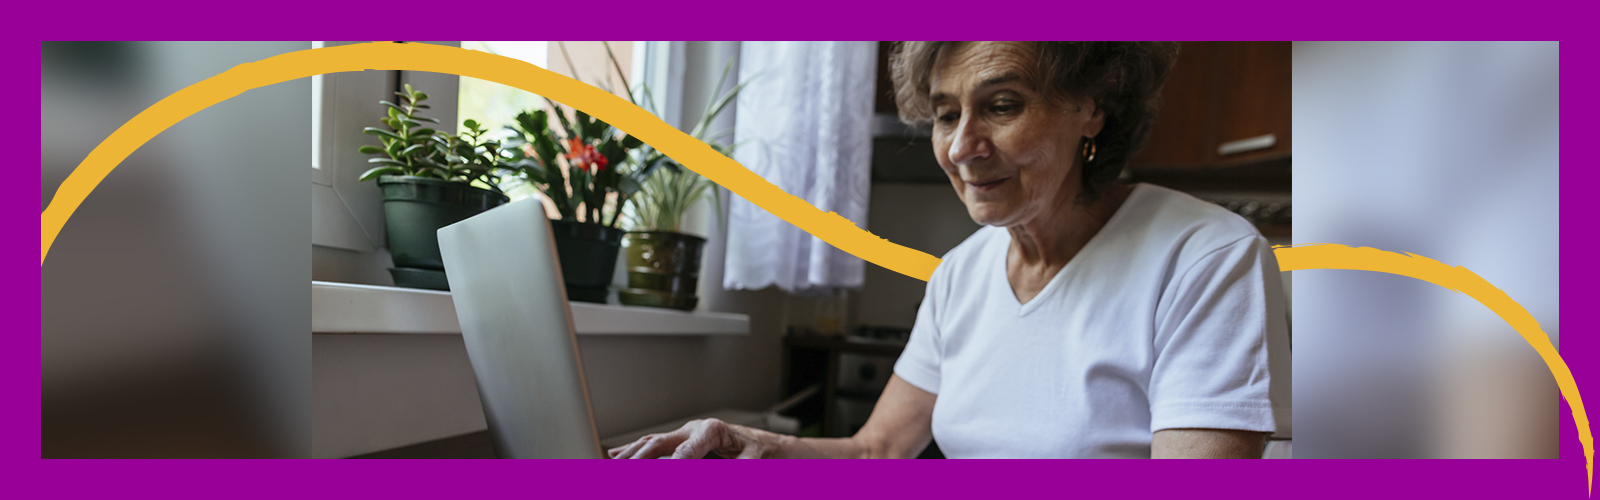 Imagem mostra senhora trabalhando em um notebook. Ao lado dela se vê uma janela com diversos vasos de flores.